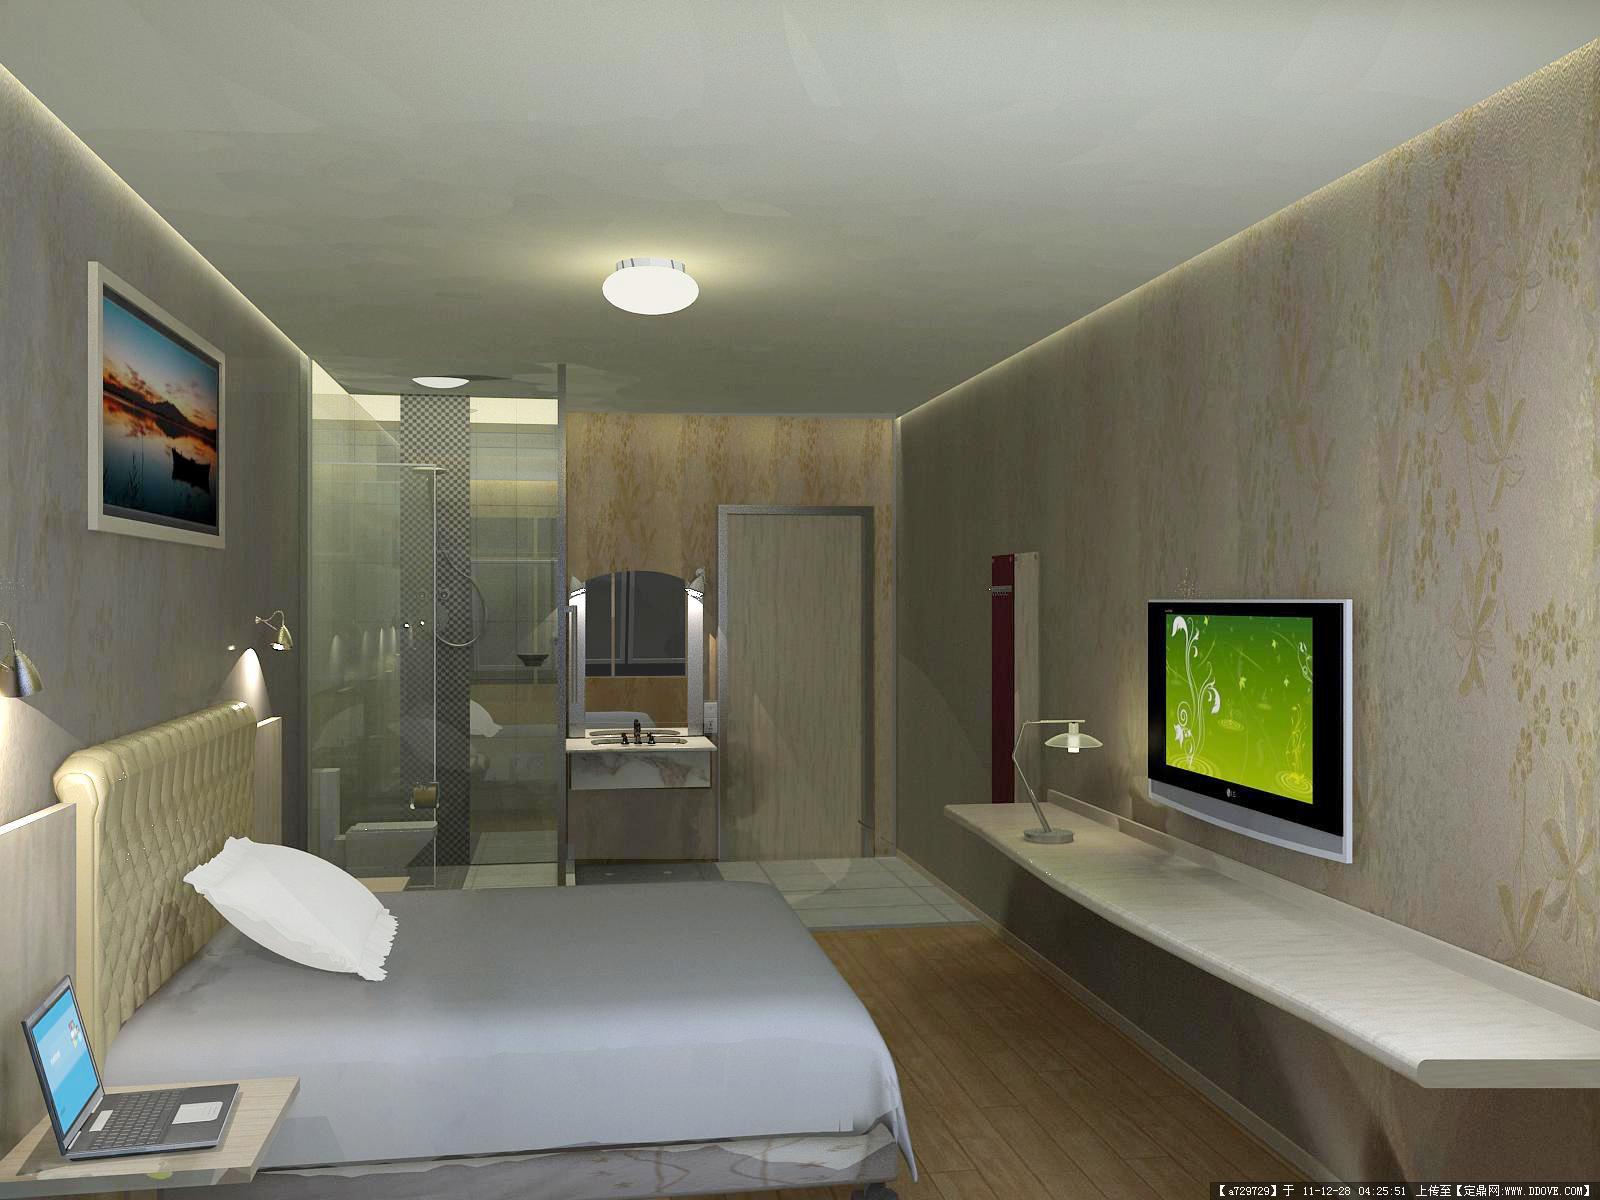 酒店客房效果图的图片浏览,室内效果图,酒店会所,室内